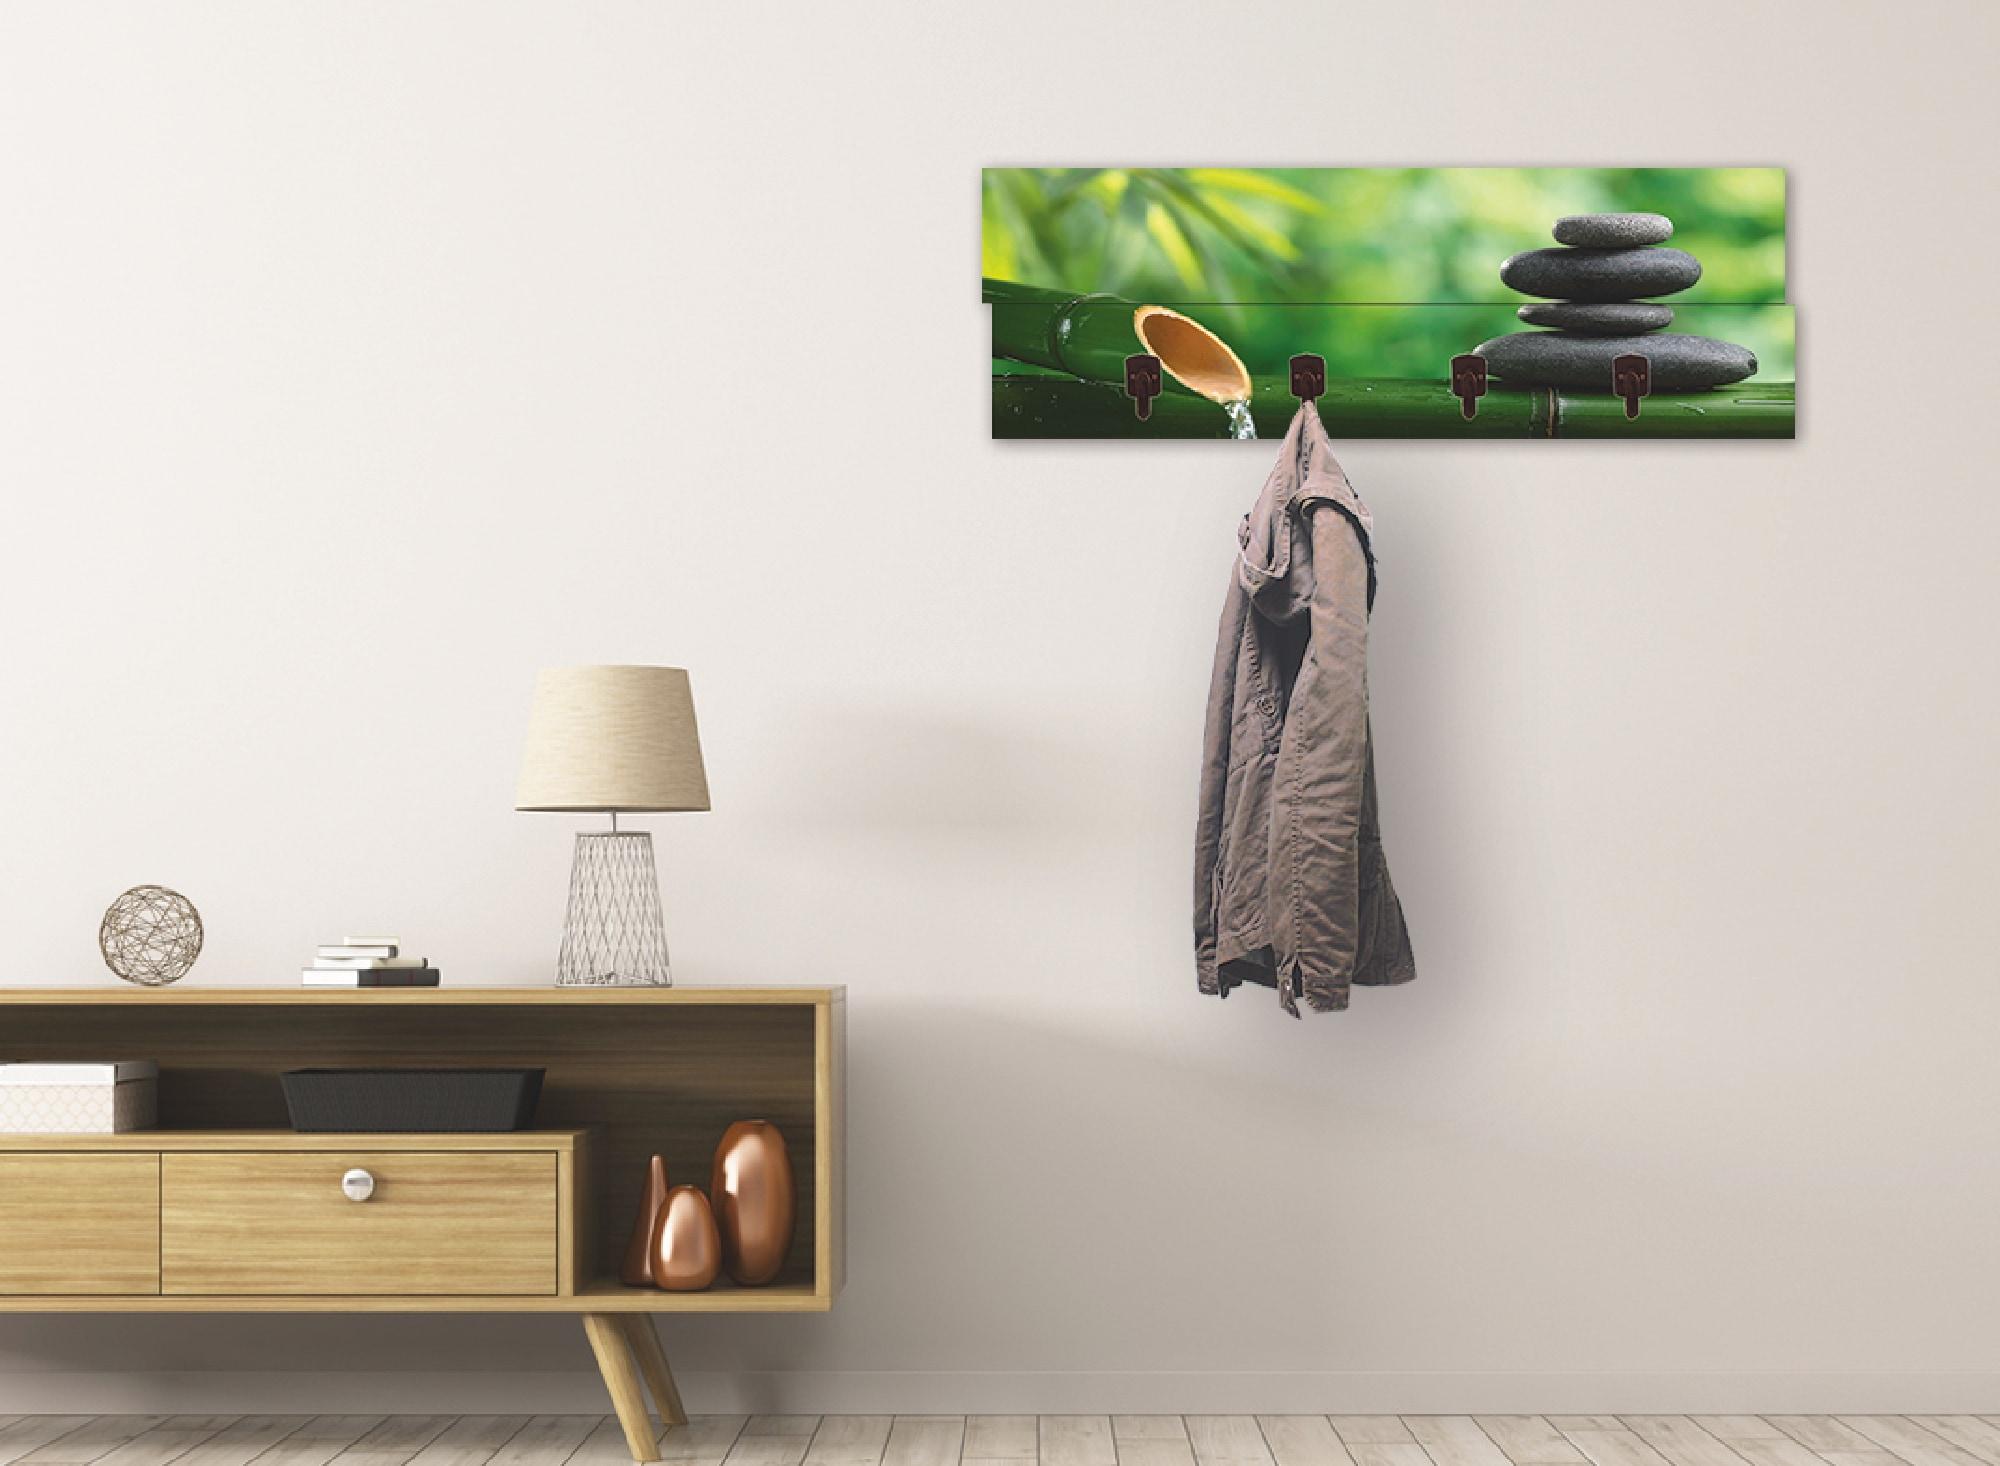 Image of Artland Garderobenpaneel »Bambusbrunnen und Zen-Stein«, Garderobe mit 4 Haken